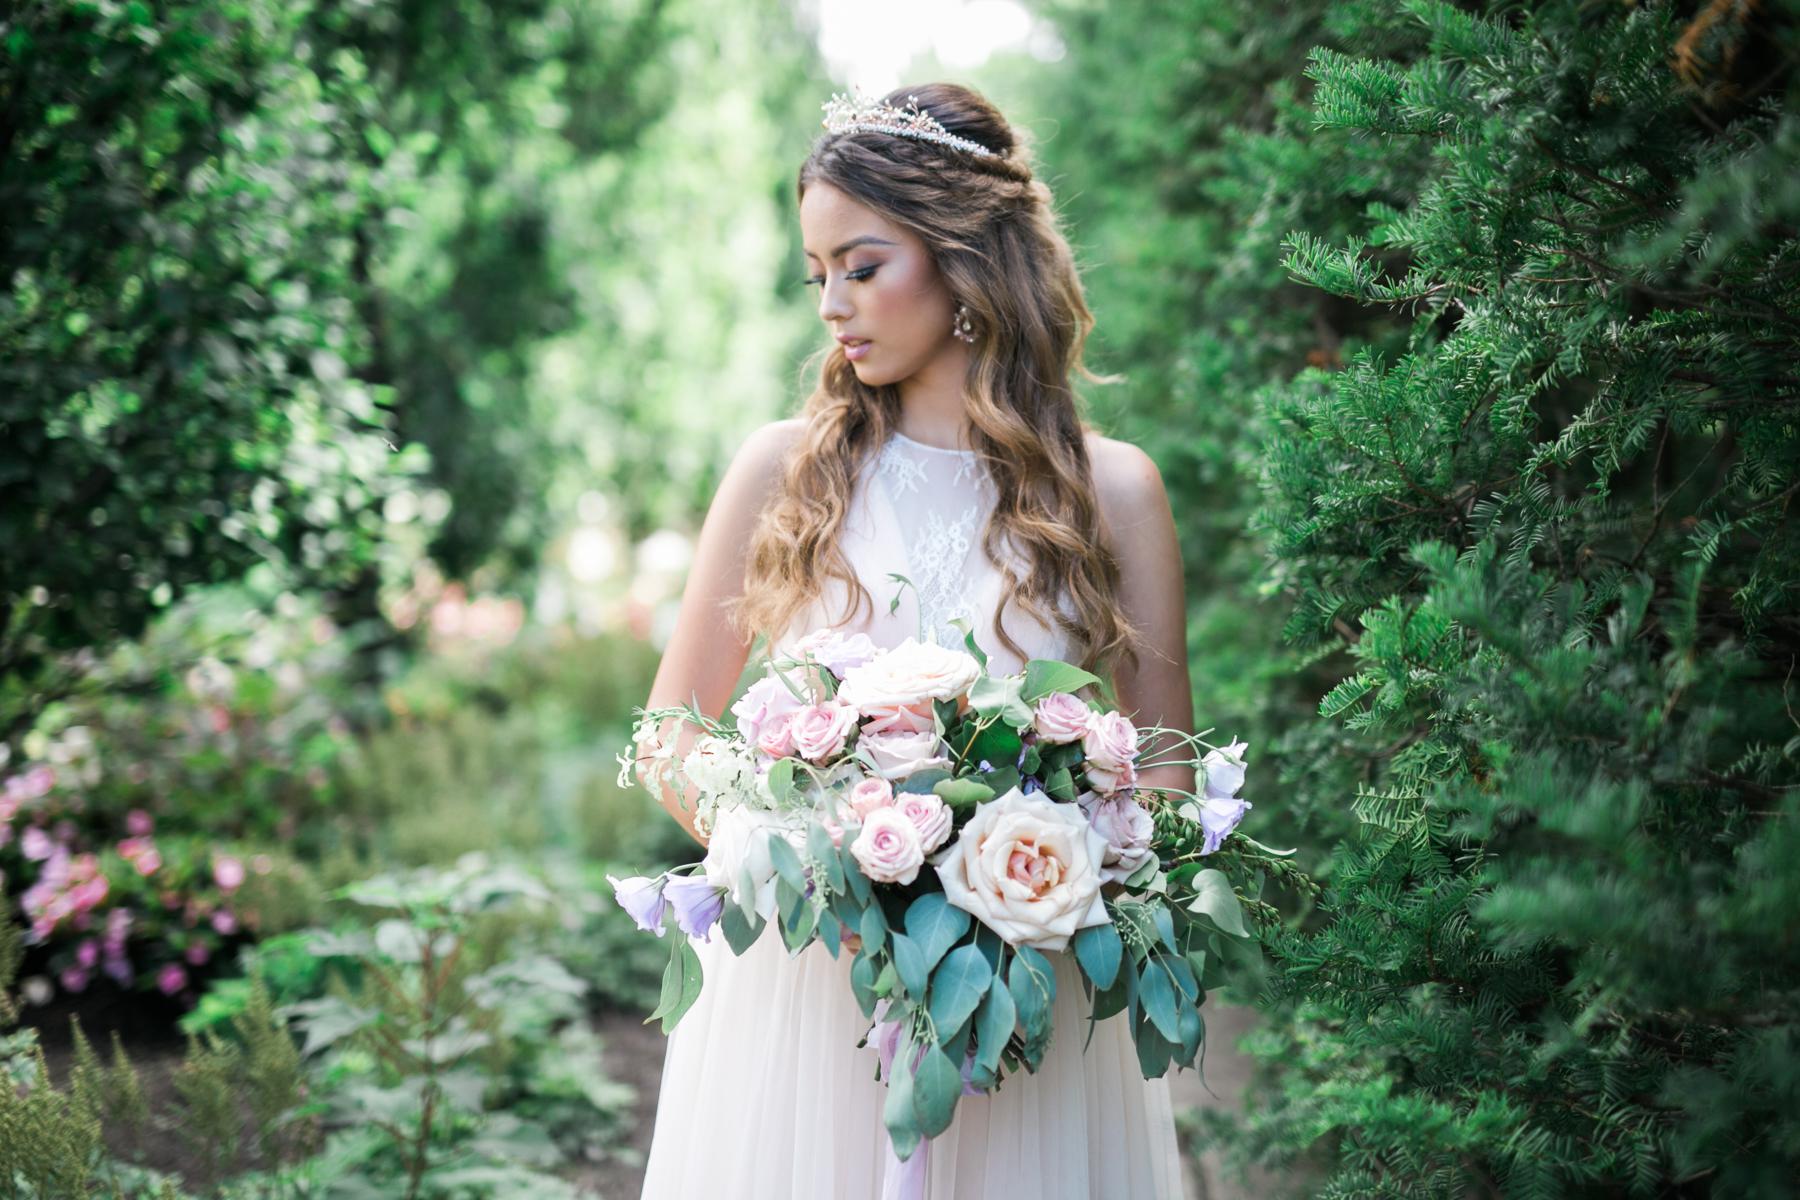 August In Bloom - Bride beauty - Fairytale Wedding (Wedluxe)